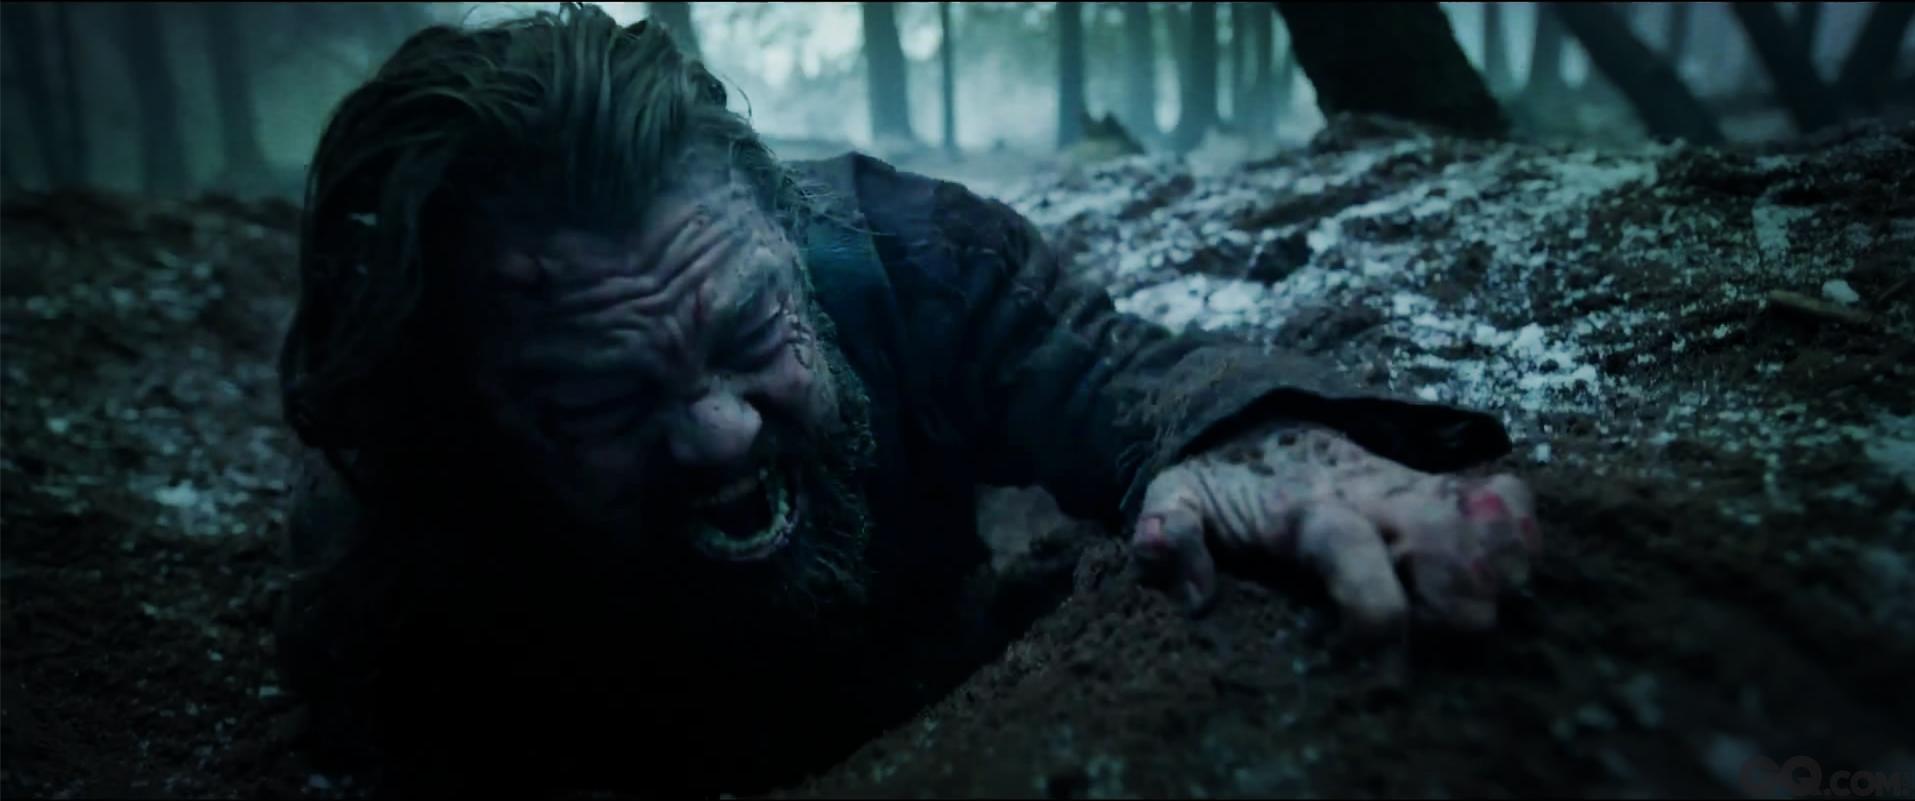 """从这个角度上来说,今年的奥斯卡最佳导演伊纳里多似乎也应该获得一座金酸莓奖杯。《荒野猎人》剧组把全部的精力都用在了跟大自然搏斗上,而不是放在用最创新的电影手段讲一个最精彩的电影故事上。整部电影不仅延期完成、严重超支,而且影片本身也显得冗长、沉闷、无聊,不但完全丧失了他之前专注结构、关注种族、探索人与社会关系的作者化风格,还硬生生地把一个复仇故事变成了大制作版的""""荒野生存""""真人秀和""""一个男人为了小金人的自虐之路""""。"""